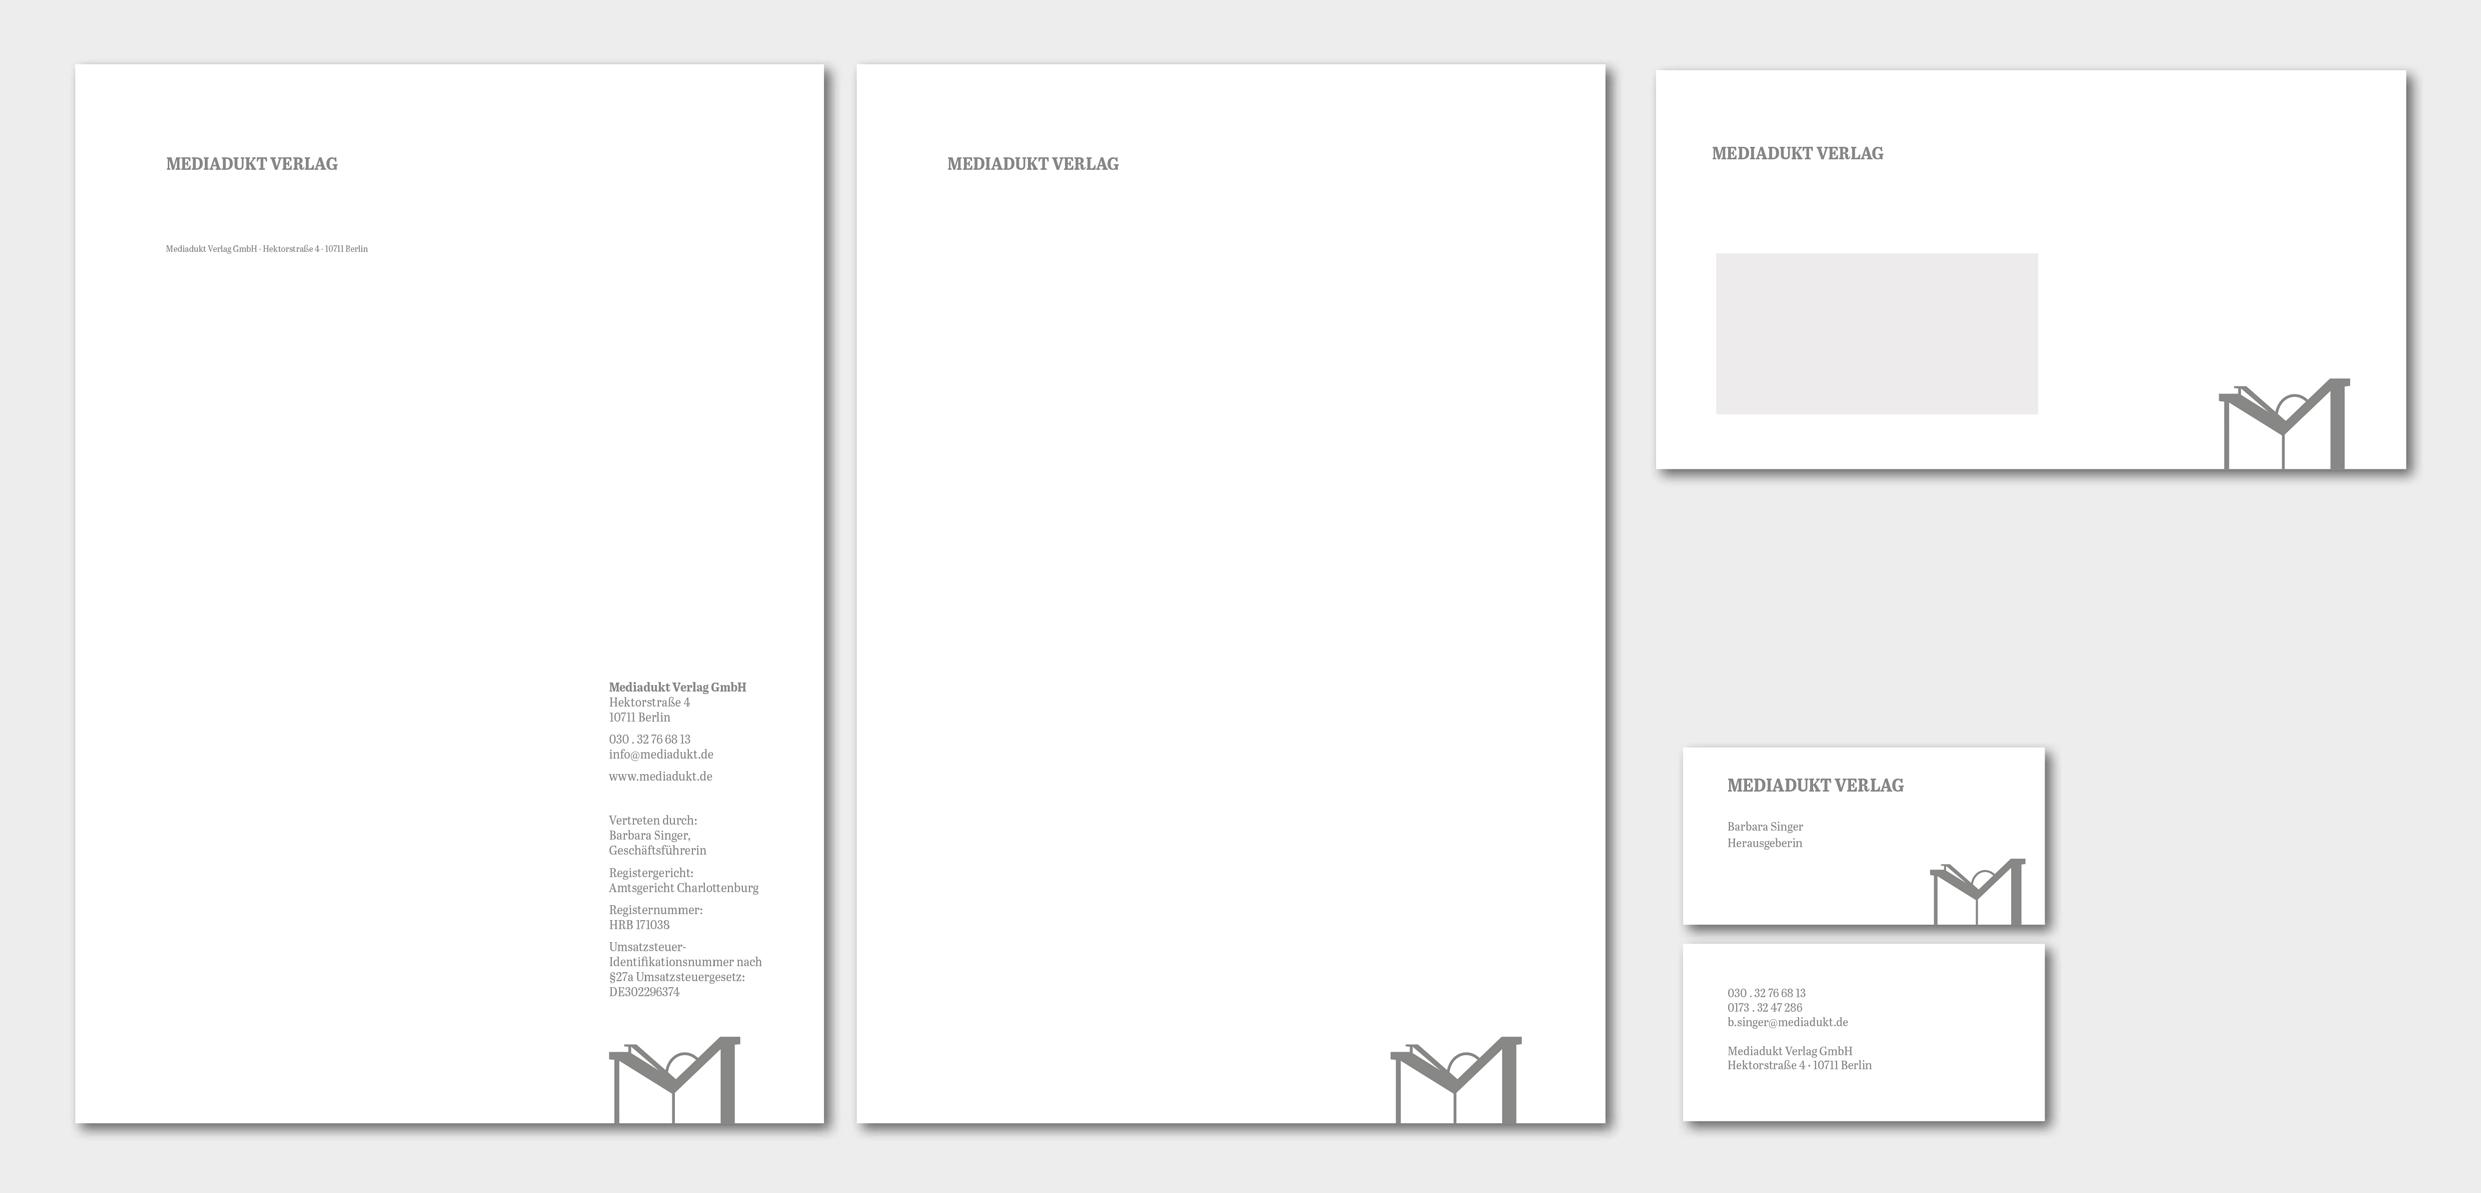 erscheinungsbild -Mediadukt Verlag